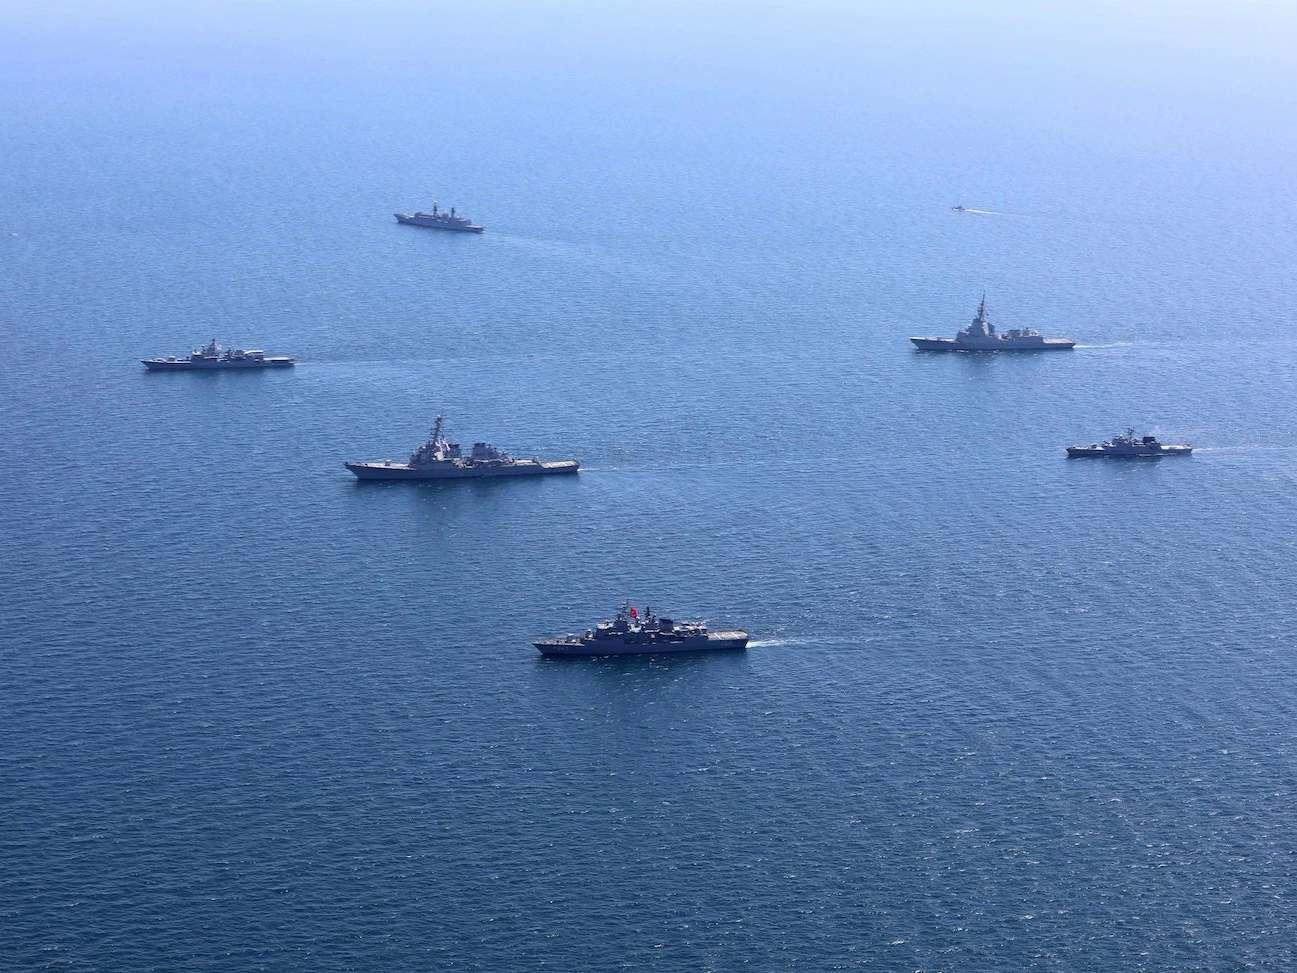 Россия обеспокоена военно-морскими учениями НАТО в Черном море